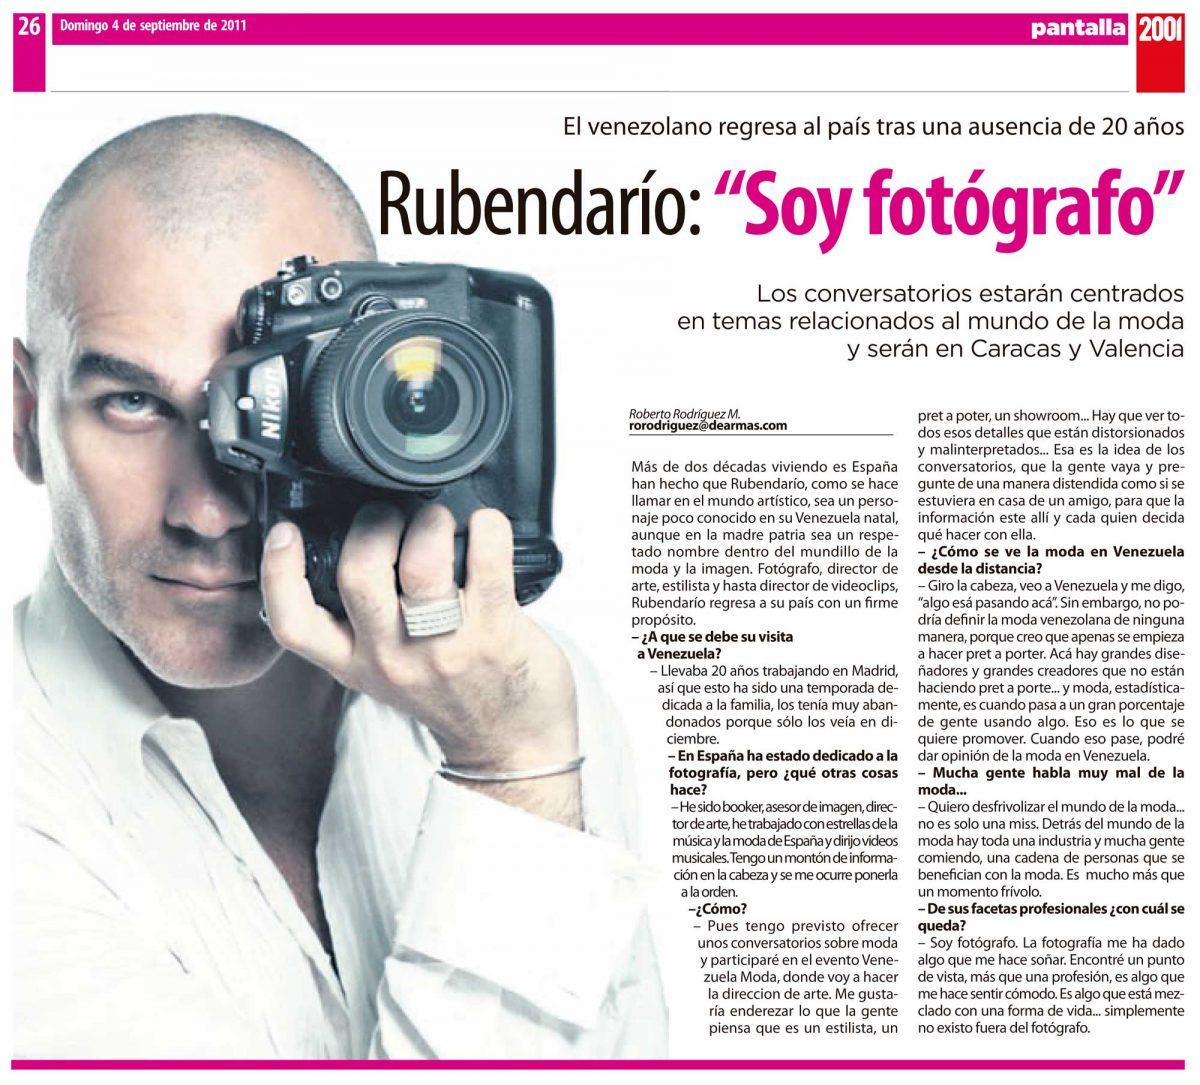 2001 entrevista Rubendario